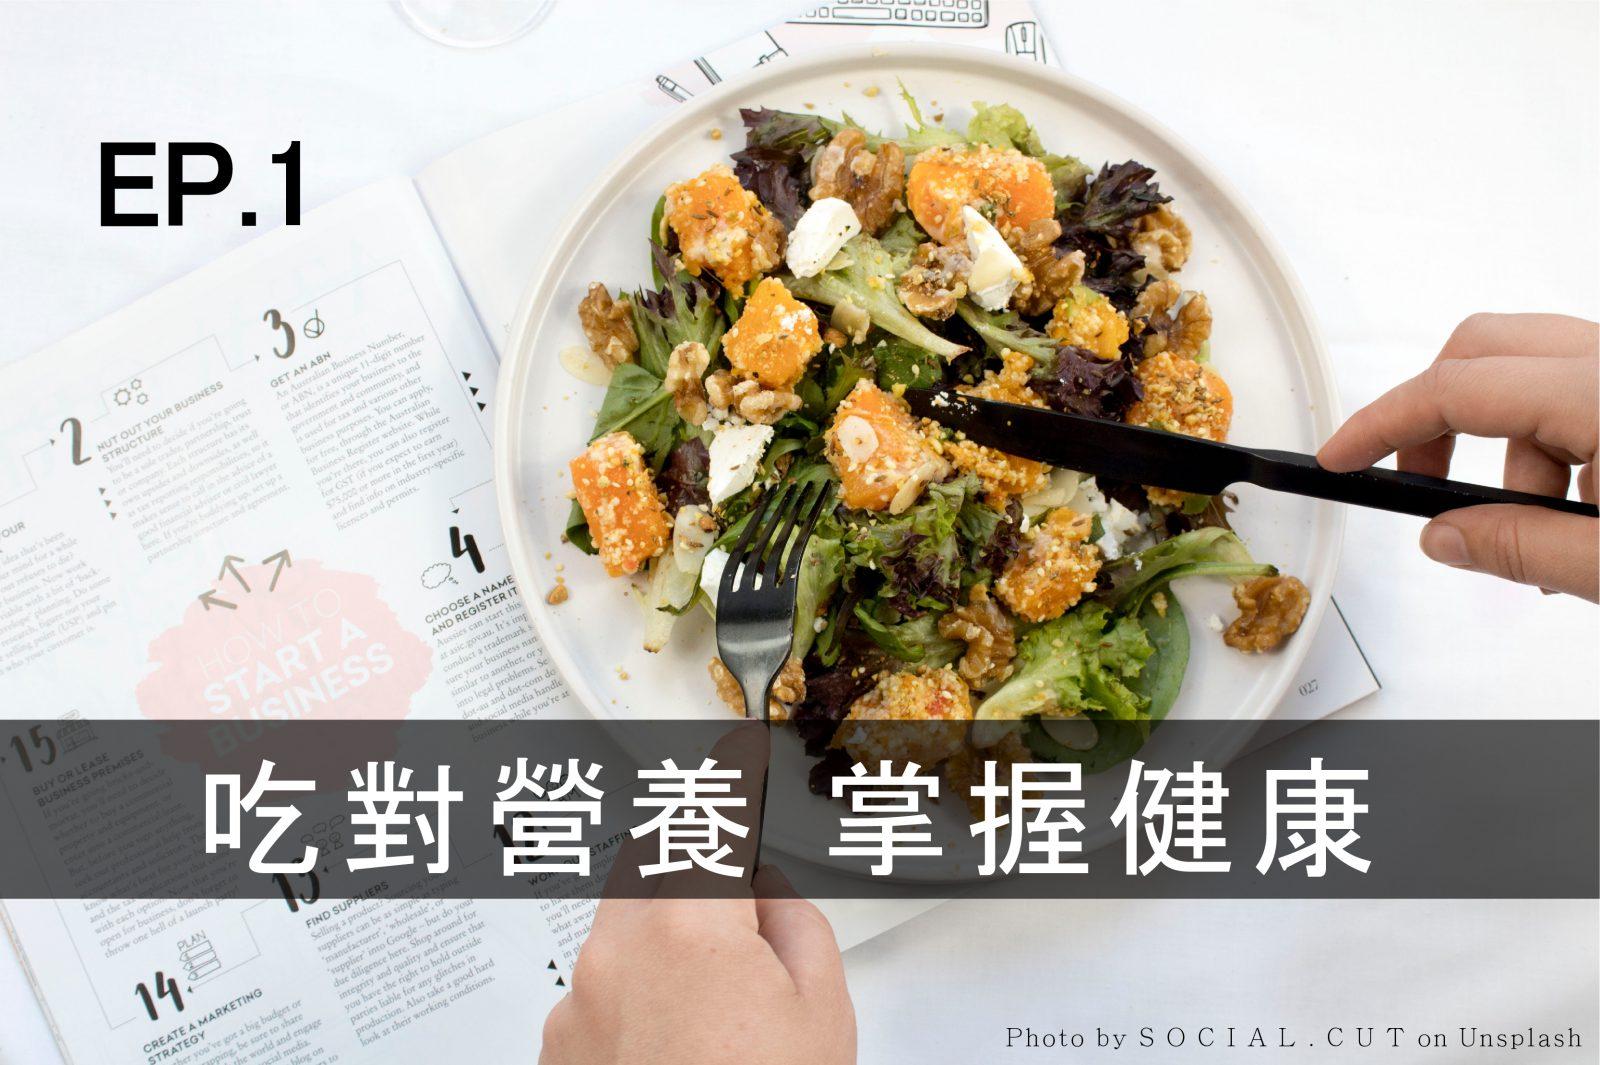 吃對營養 掌握健康 EP1